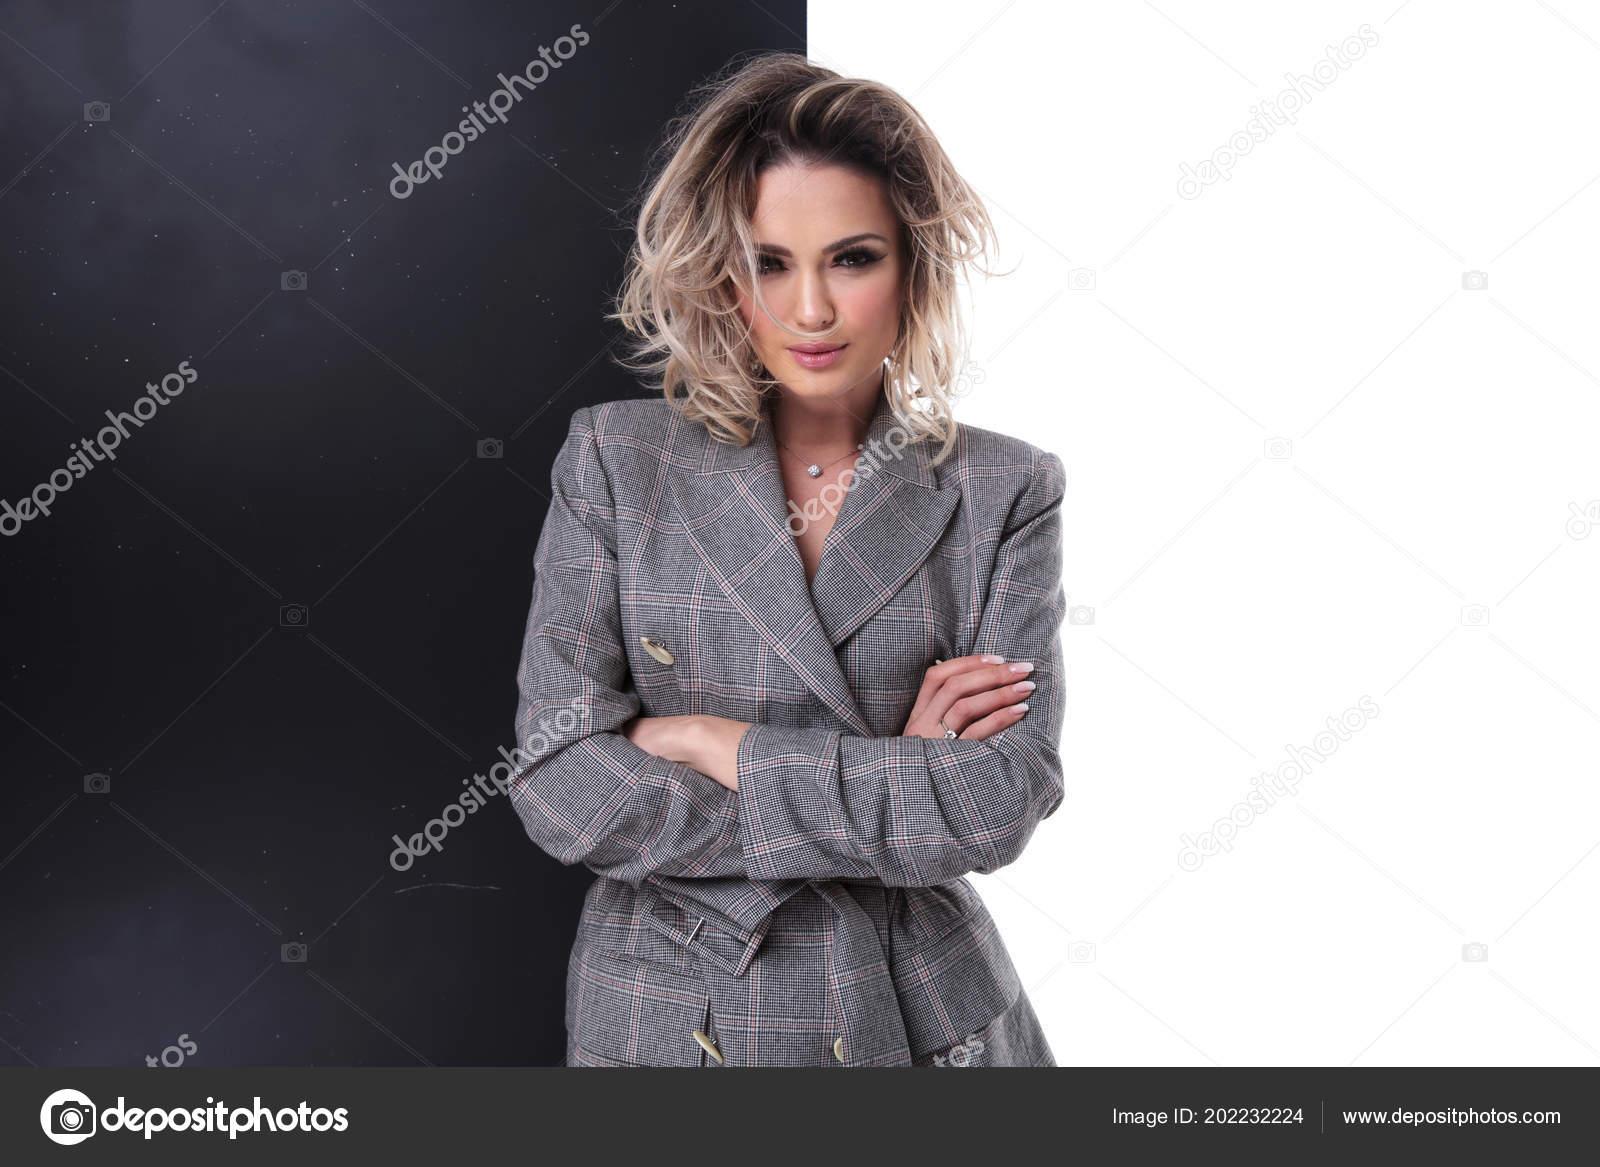 Πορτρέτο του νεαρή σέξι ξανθιά κοπέλα φορώντας γκρι καρό παλτό με τα χέρια  σταυρωμένα στέκεται σχετικά με μαύρο το μισό 9de1eb36443